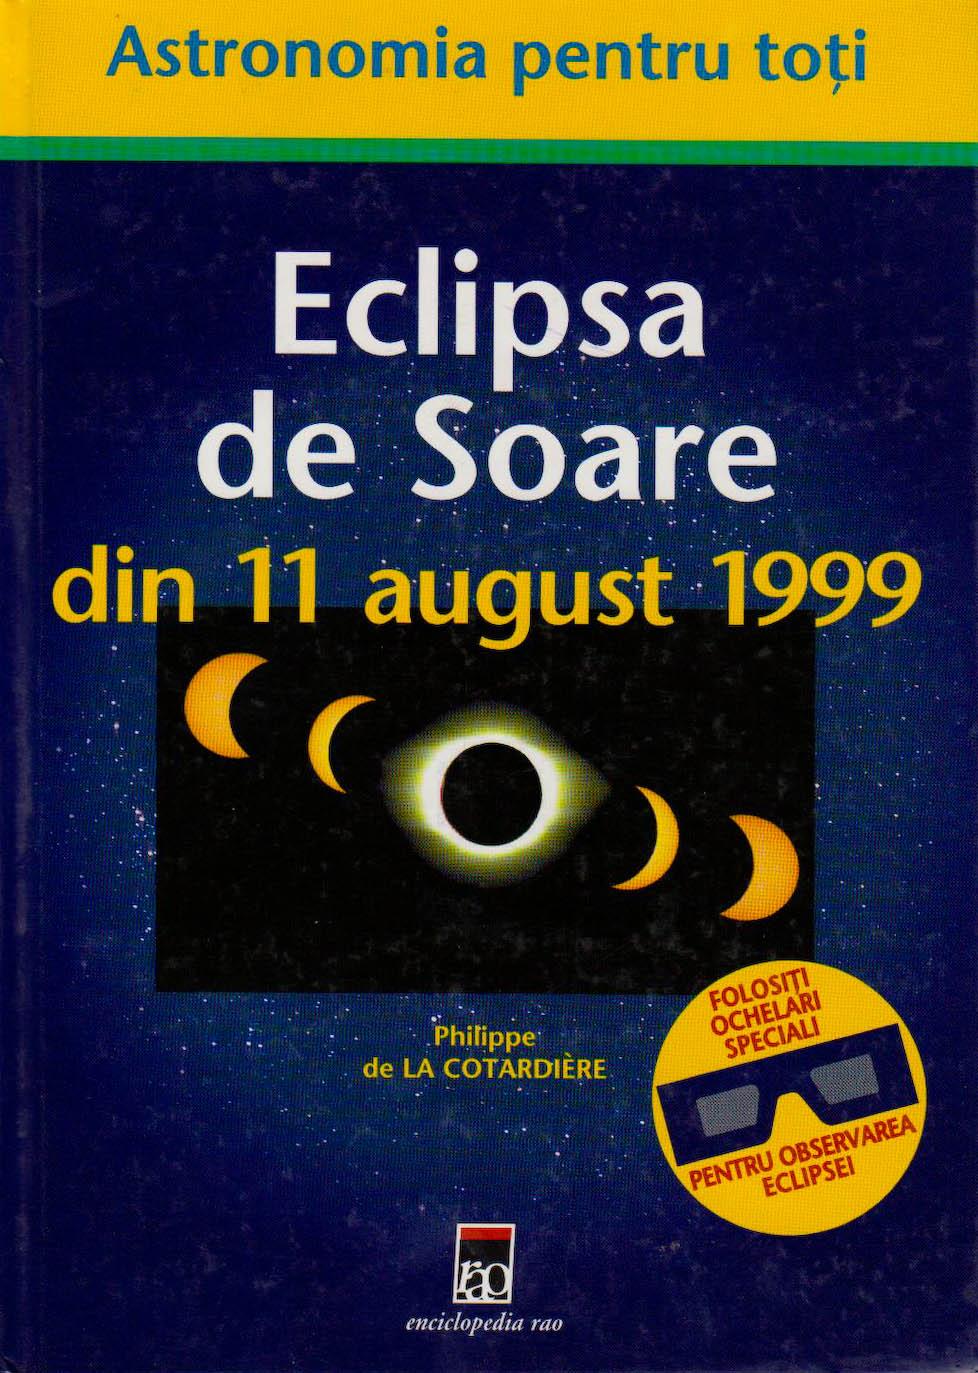 Eclipsa de soare din 11 august 1999